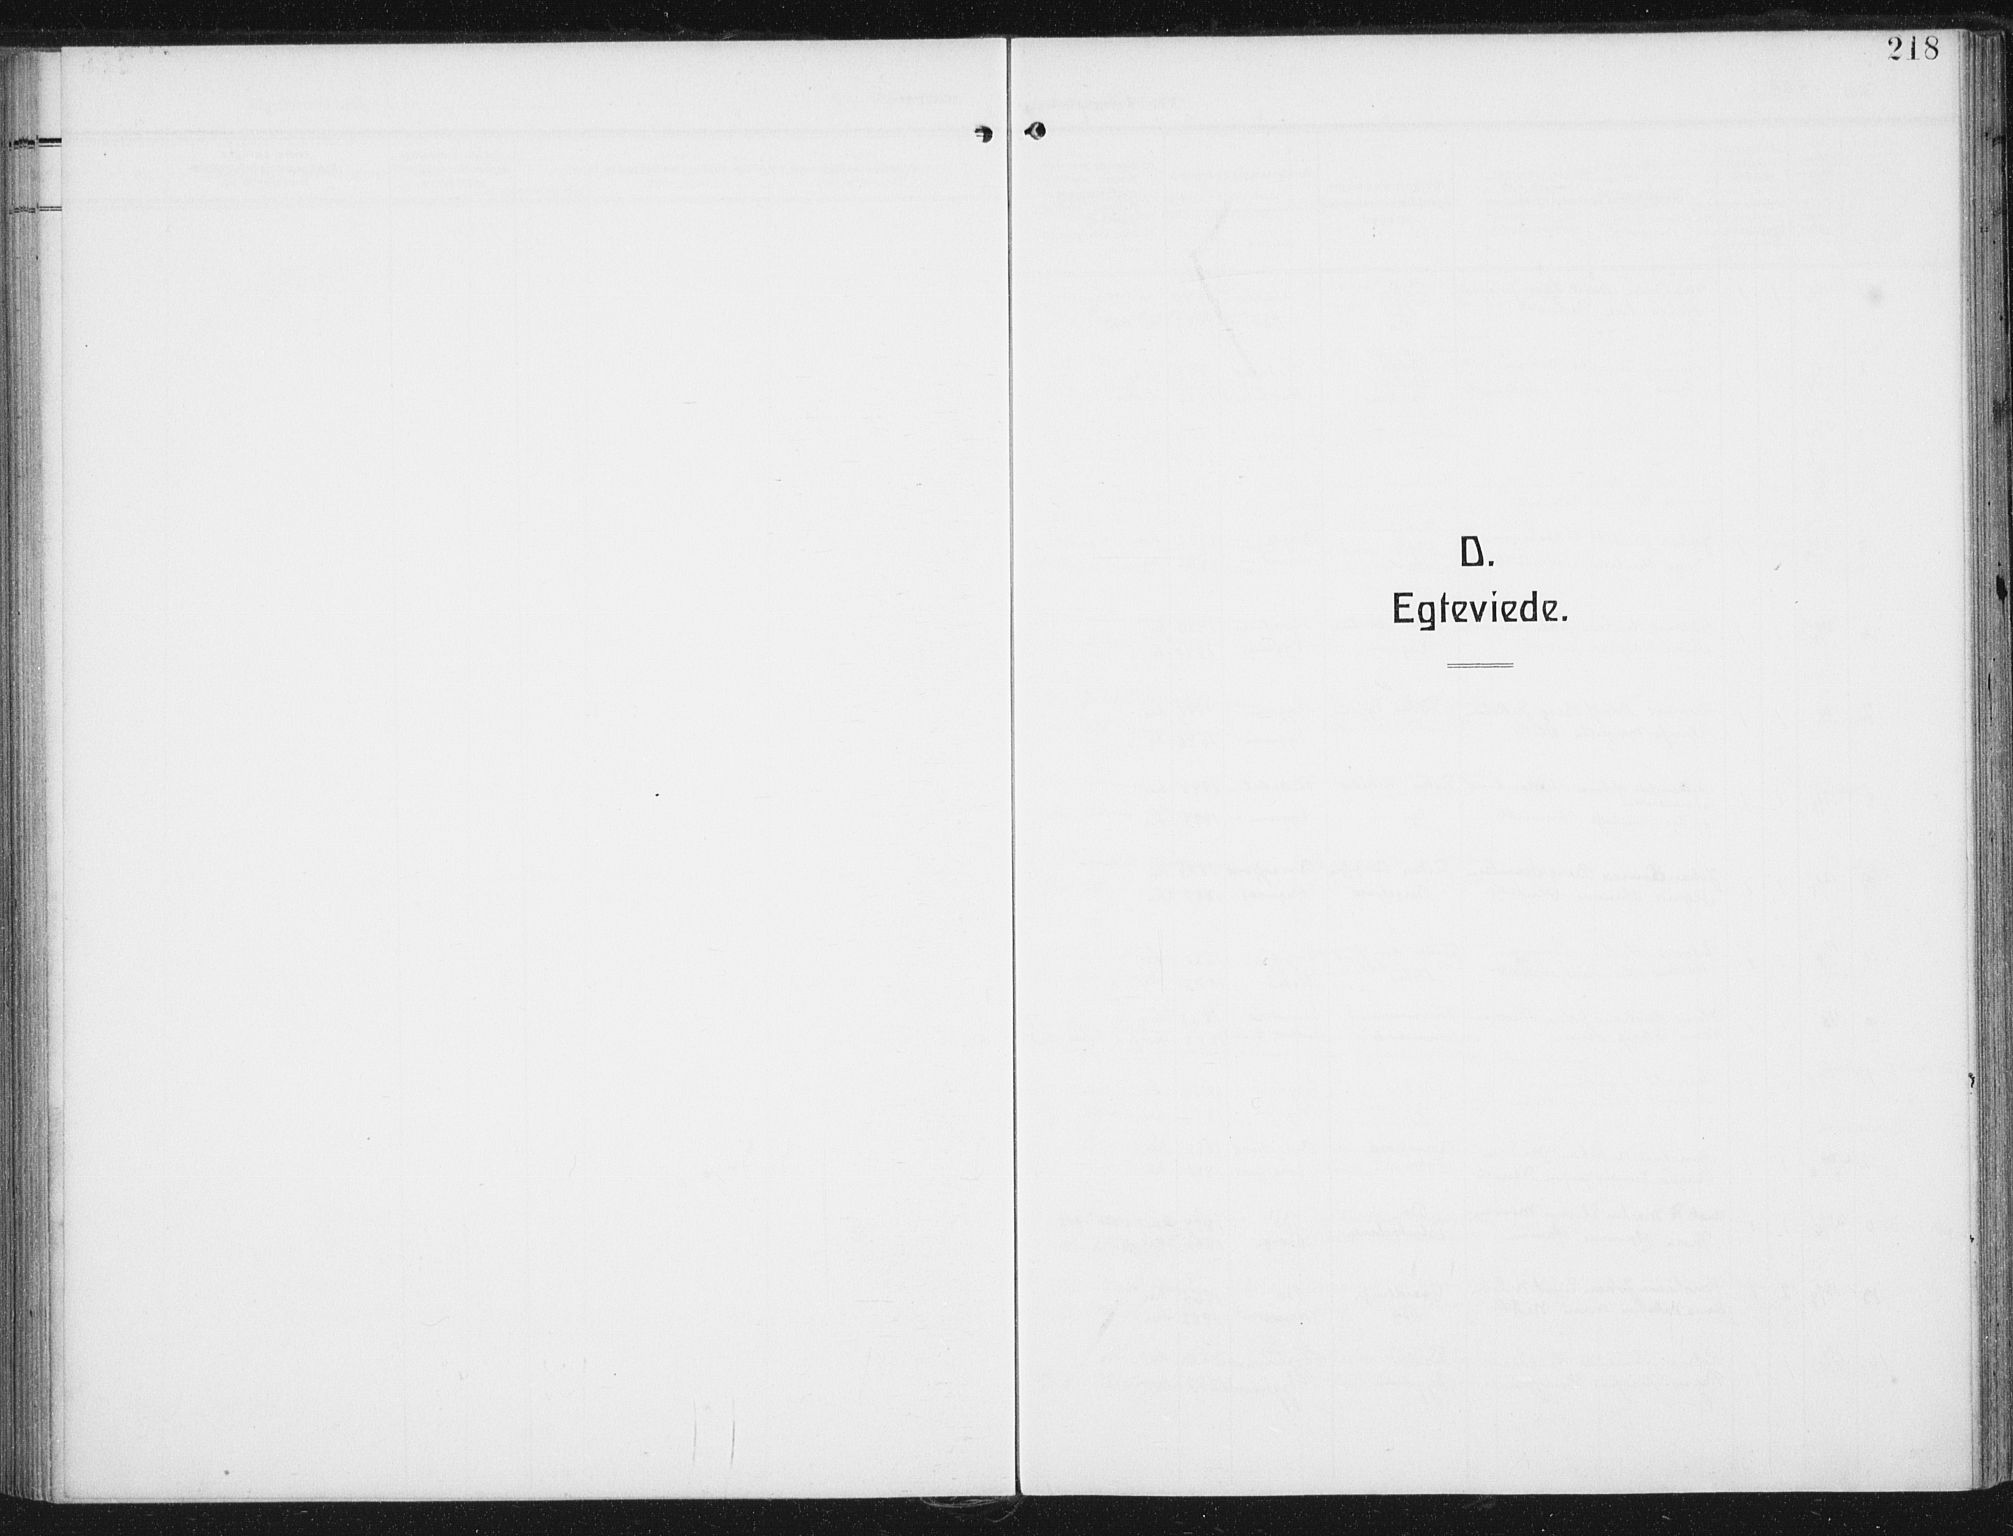 SAT, Ministerialprotokoller, klokkerbøker og fødselsregistre - Nordland, 880/L1135: Parish register (official) no. 880A09, 1908-1919, p. 218